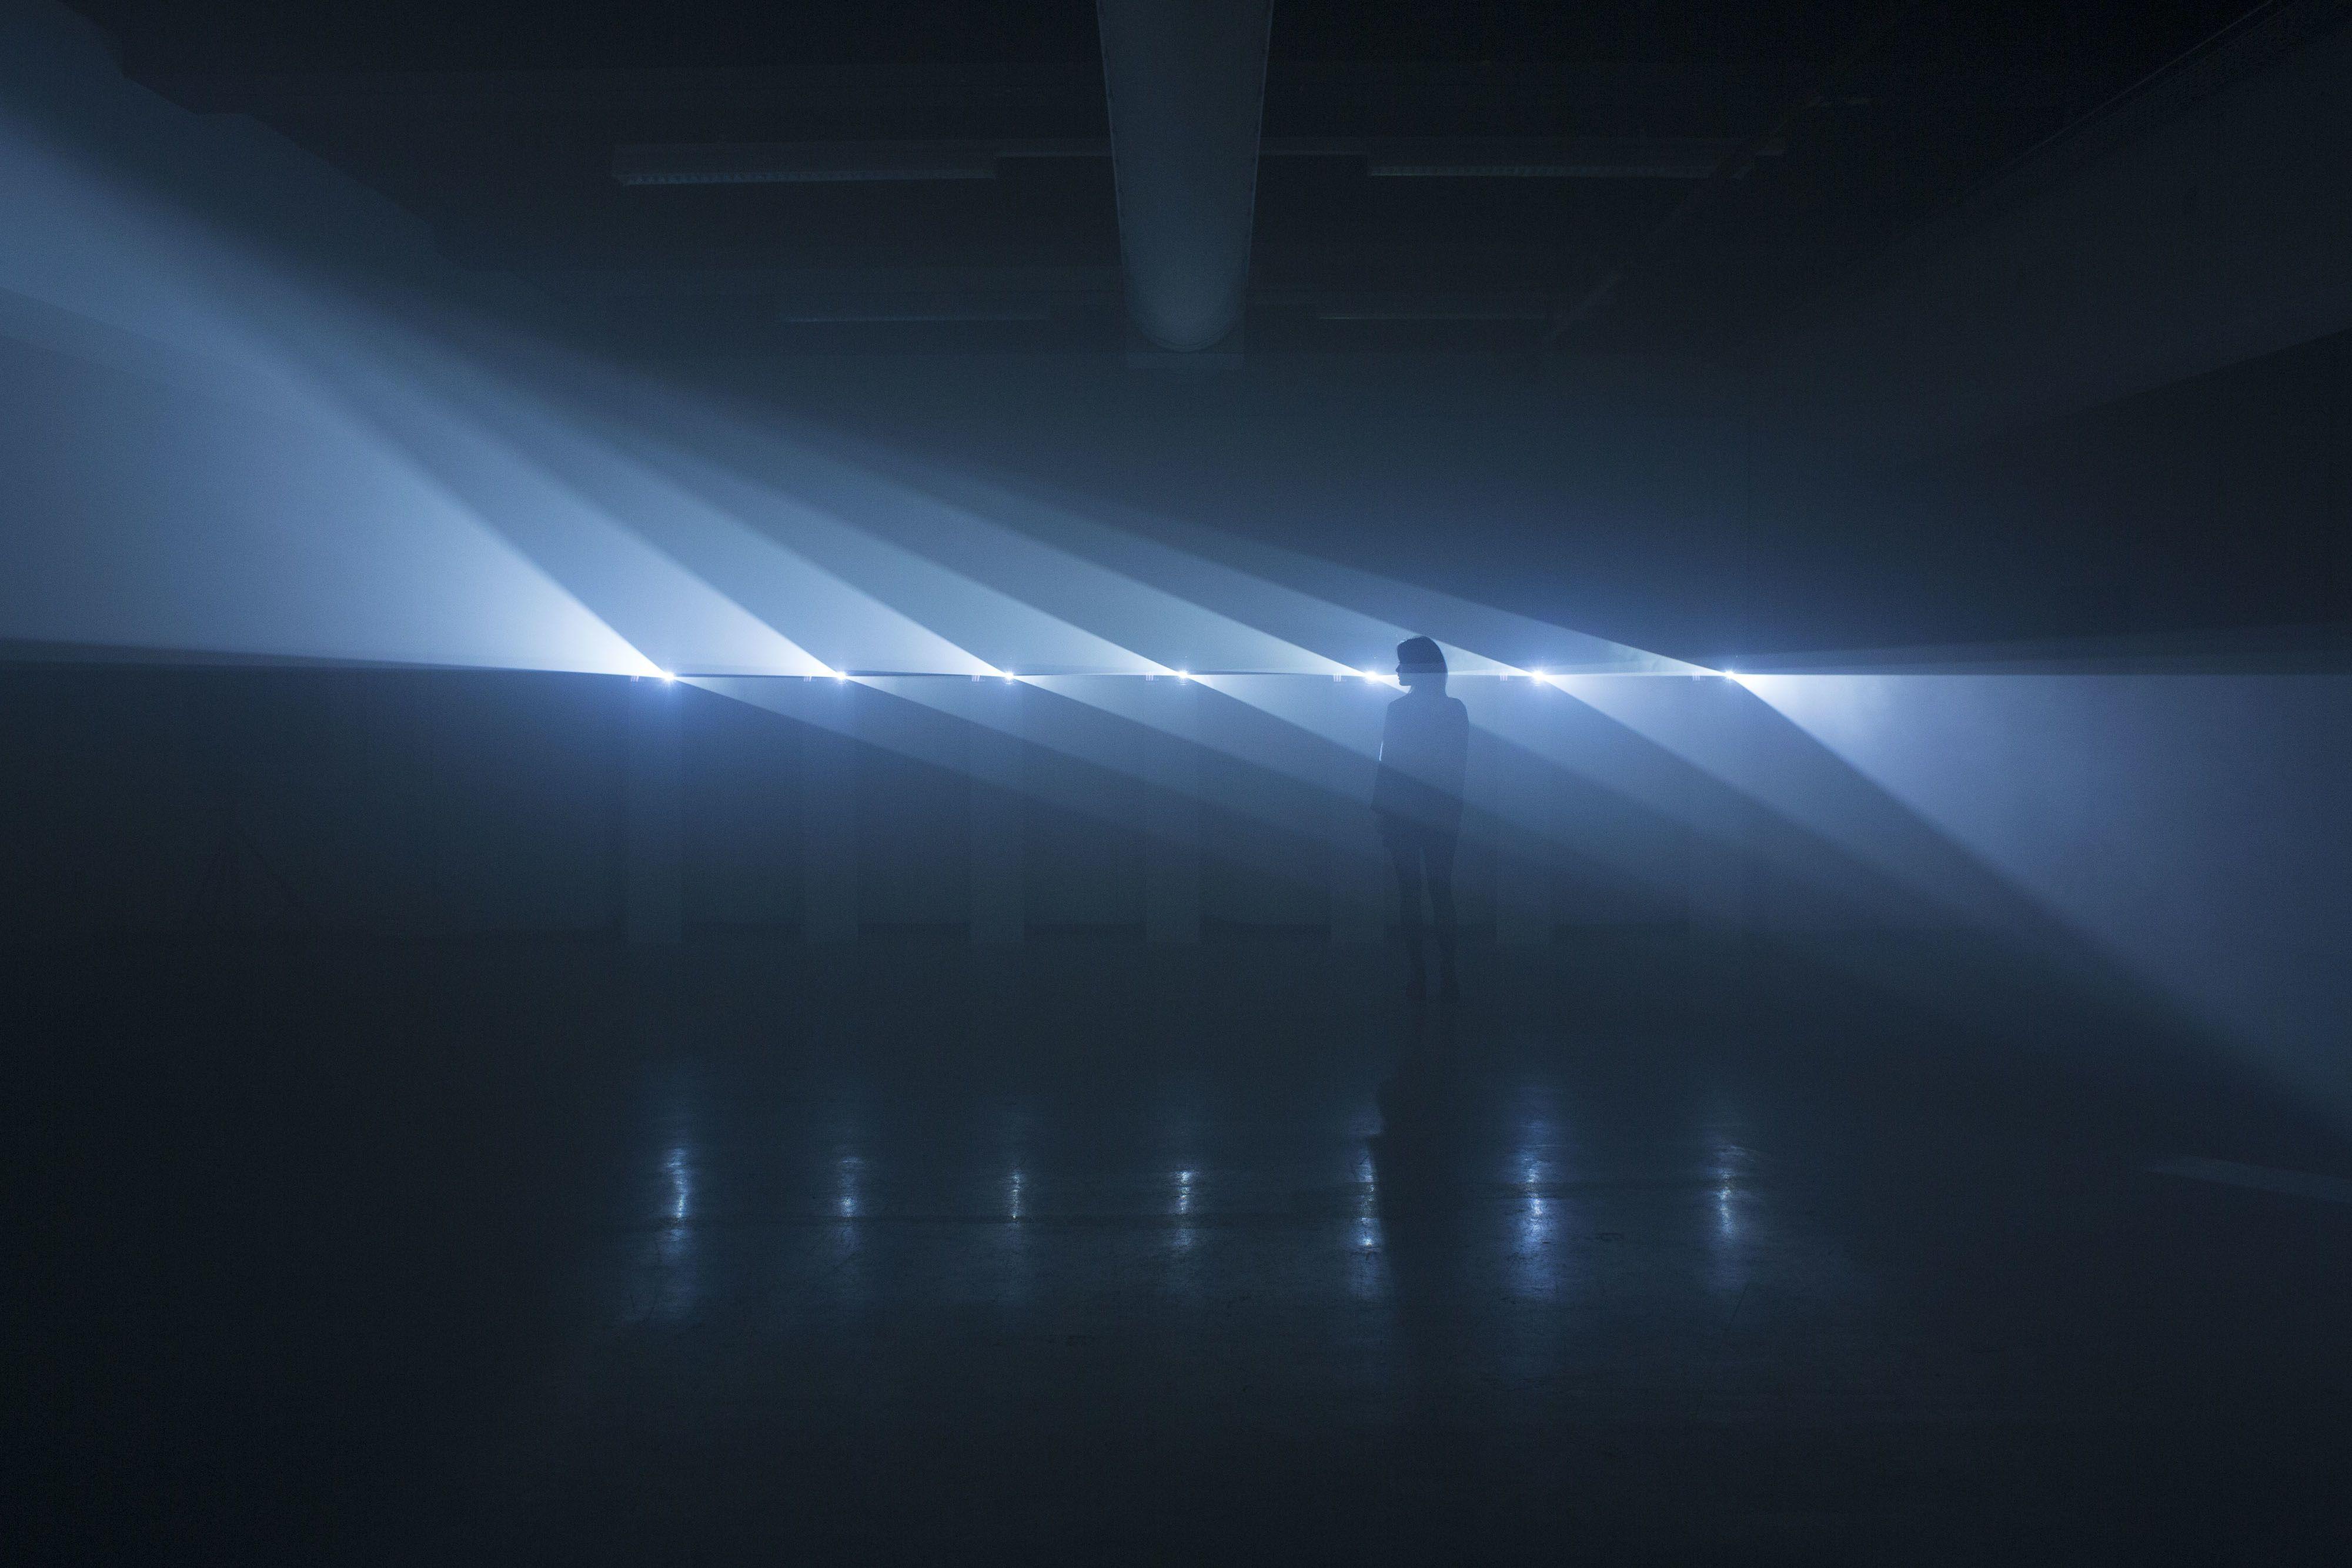 Les installations géométriques lumineuses de NONOTAK